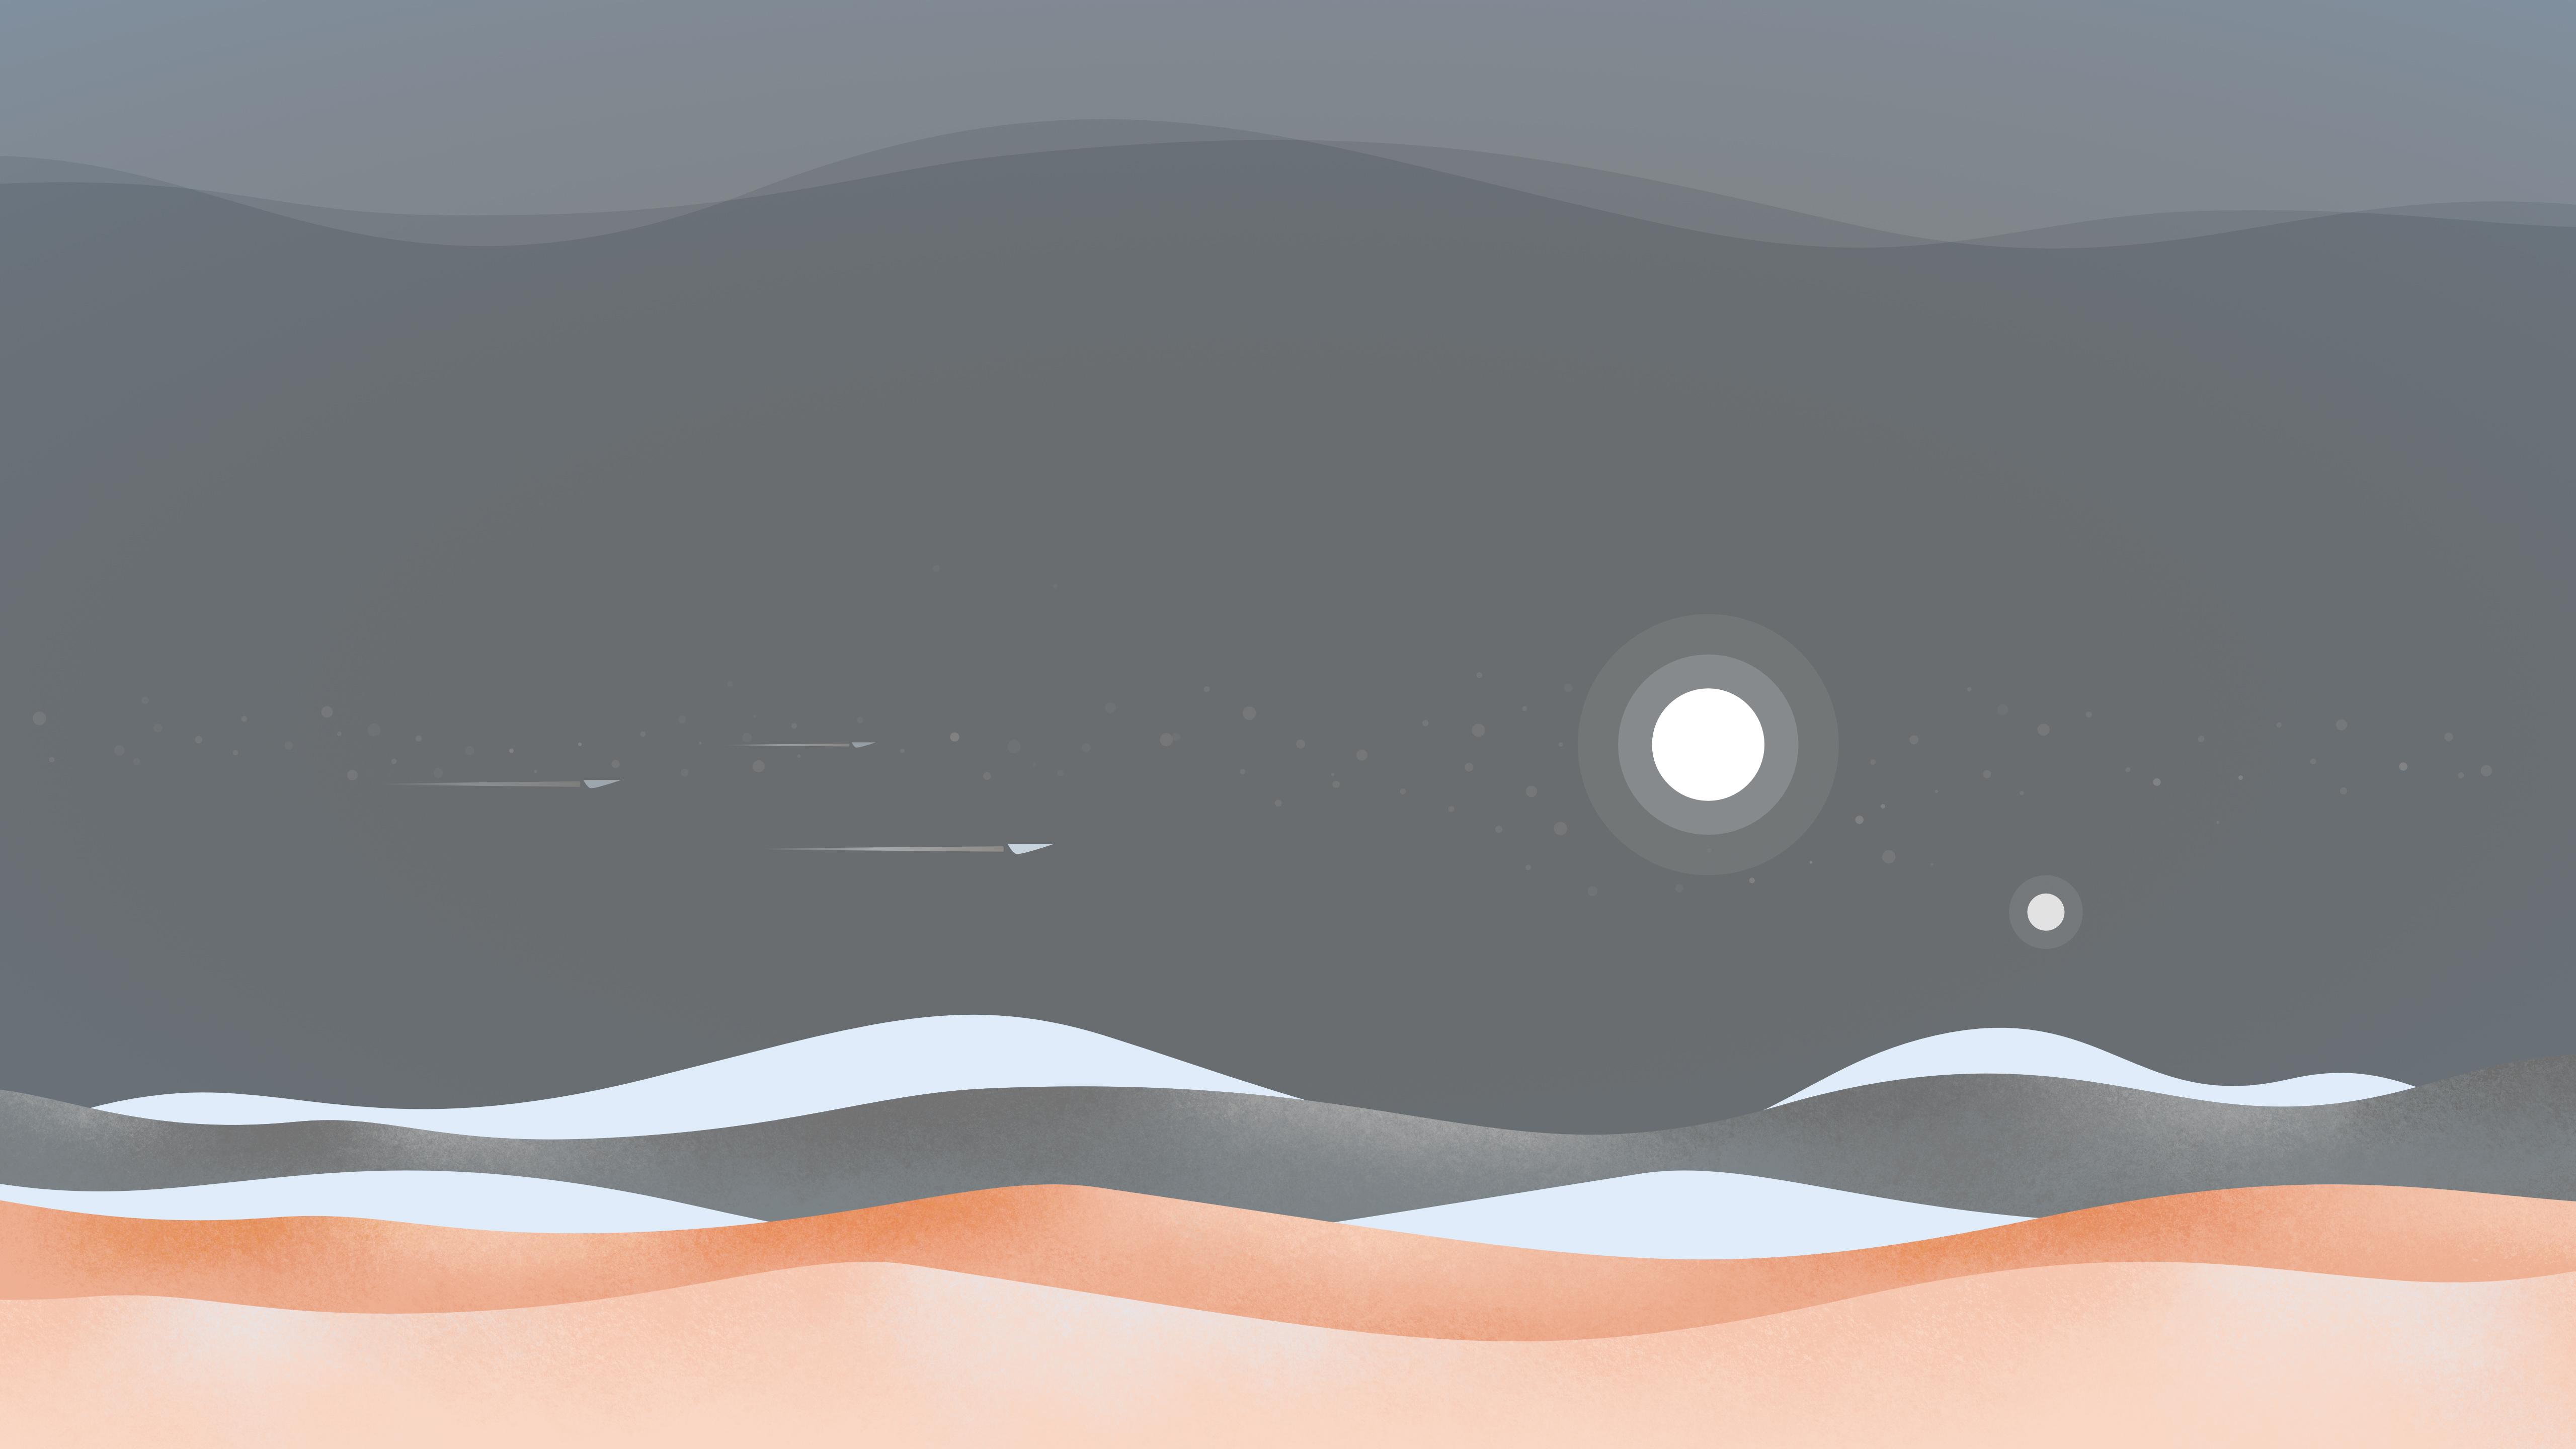 dunes-night-minimal-5k-c8.jpg